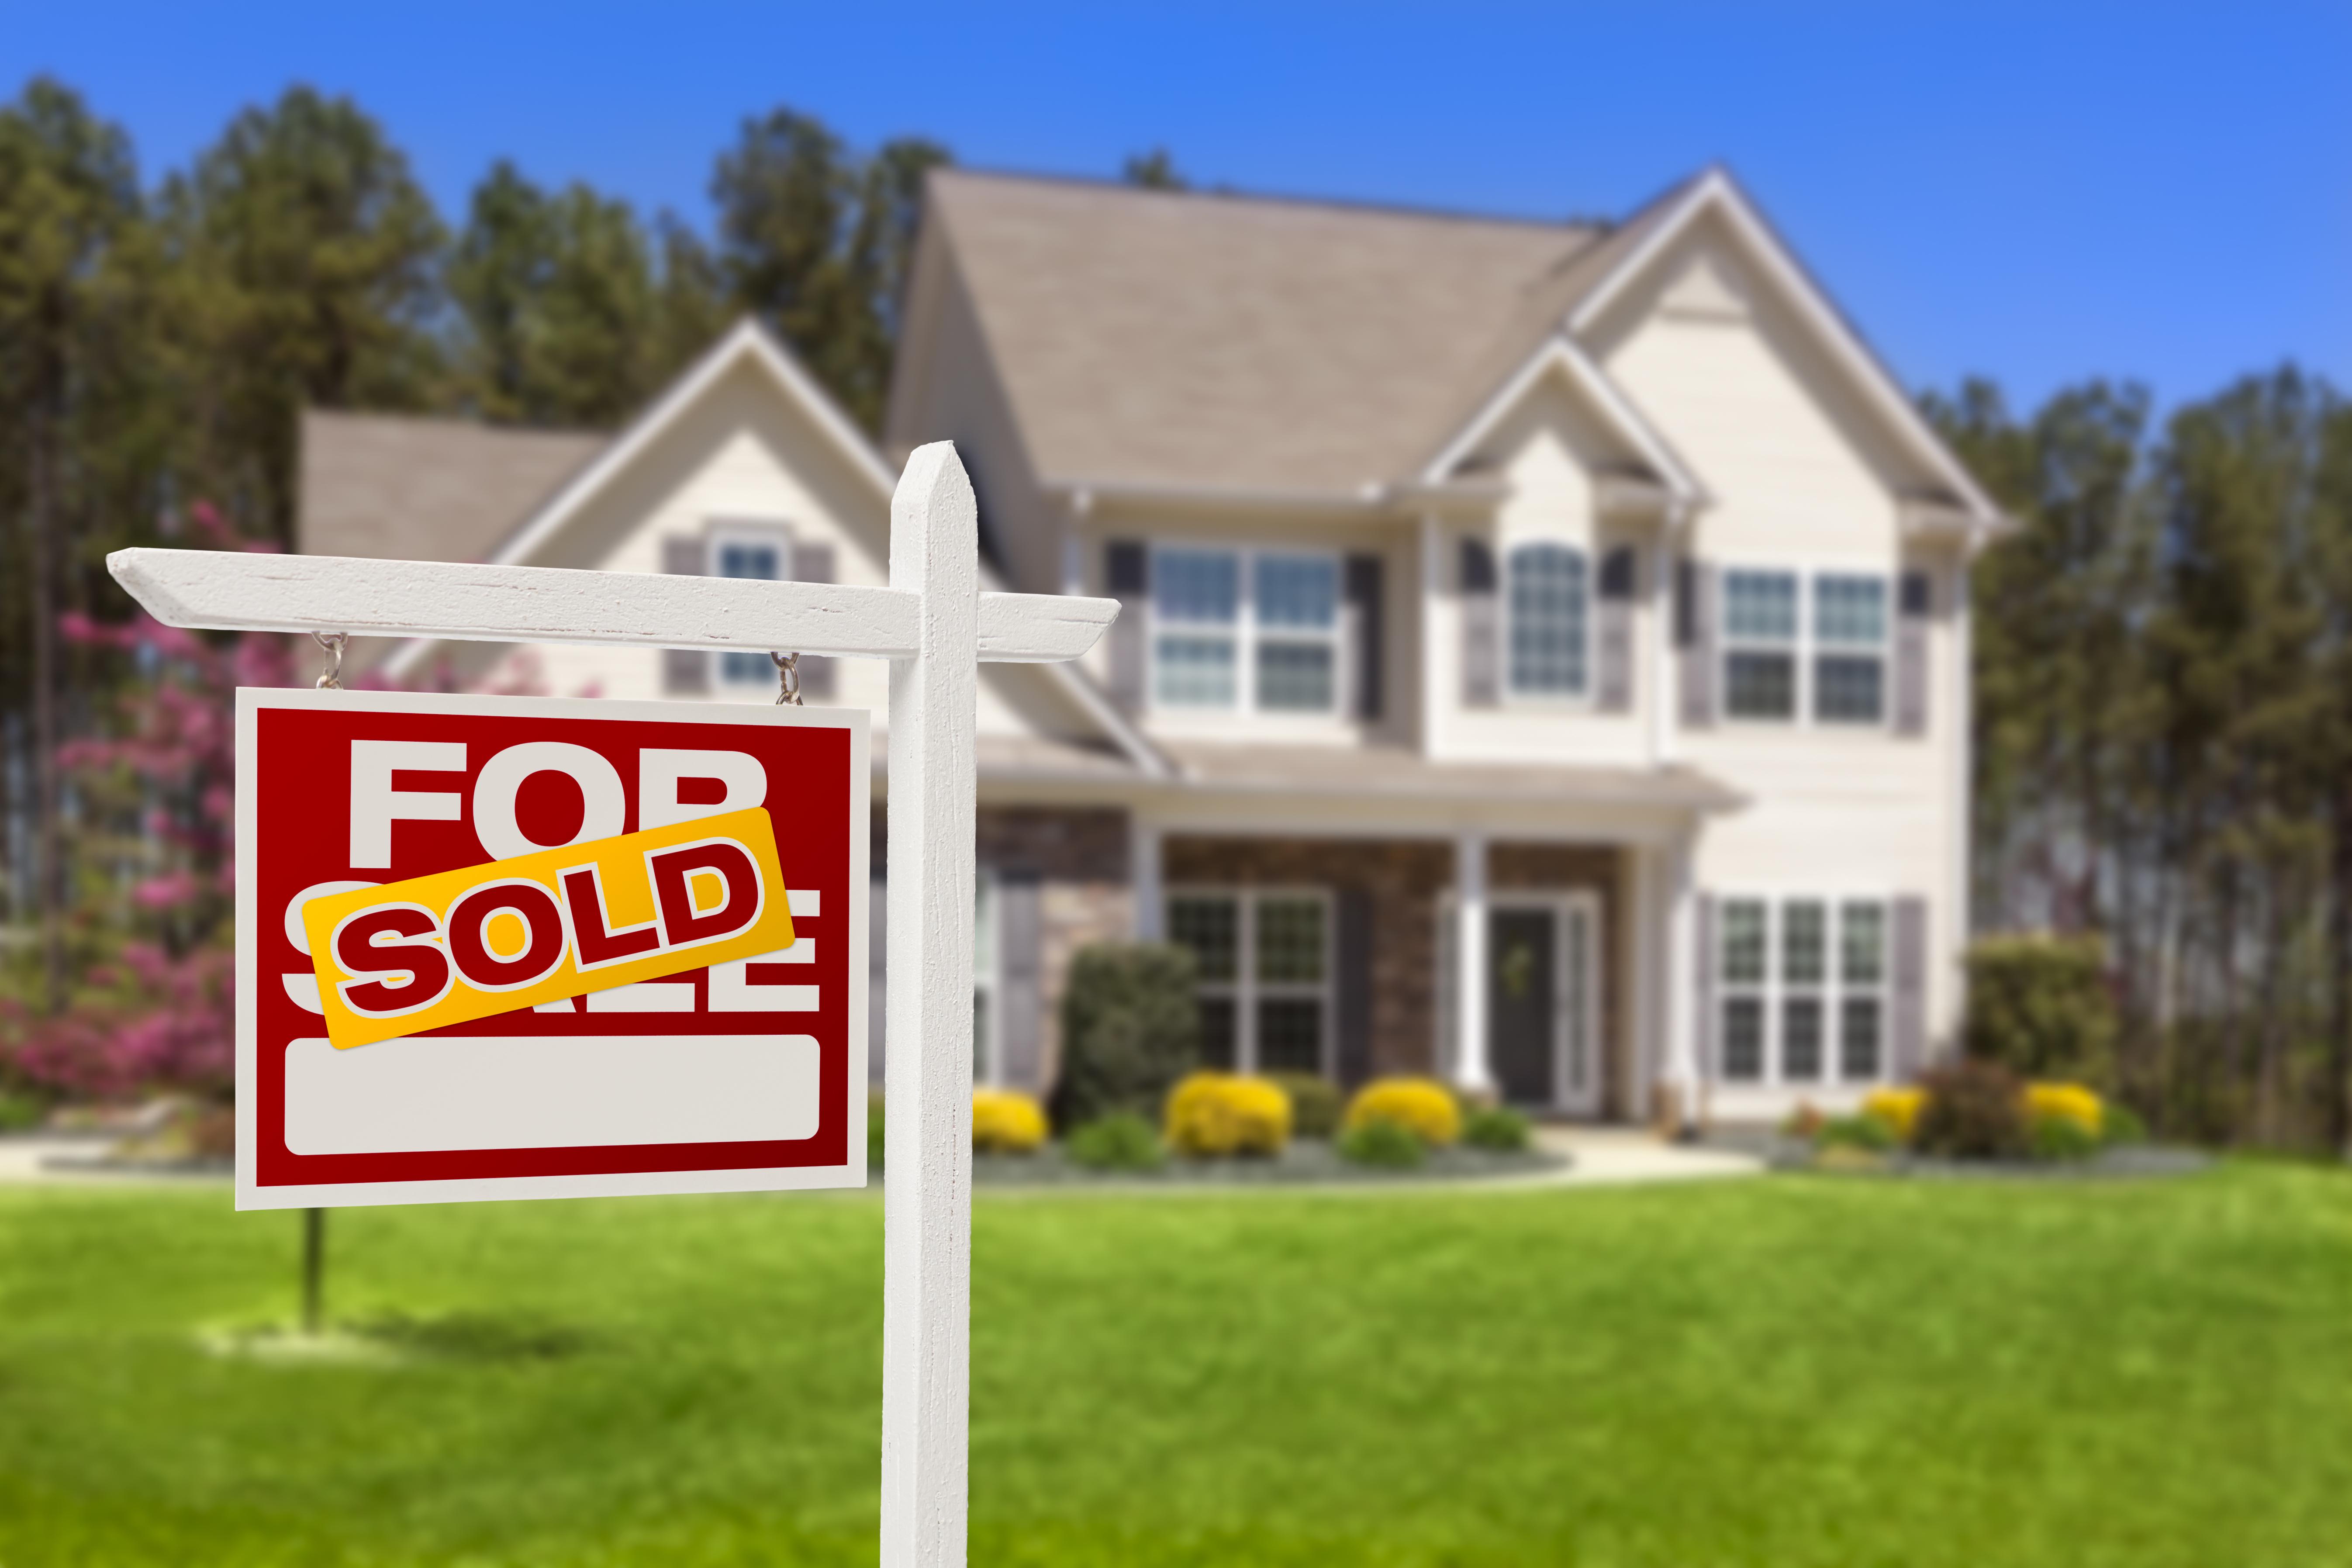 Homes For Sale in Hyrum, Utah